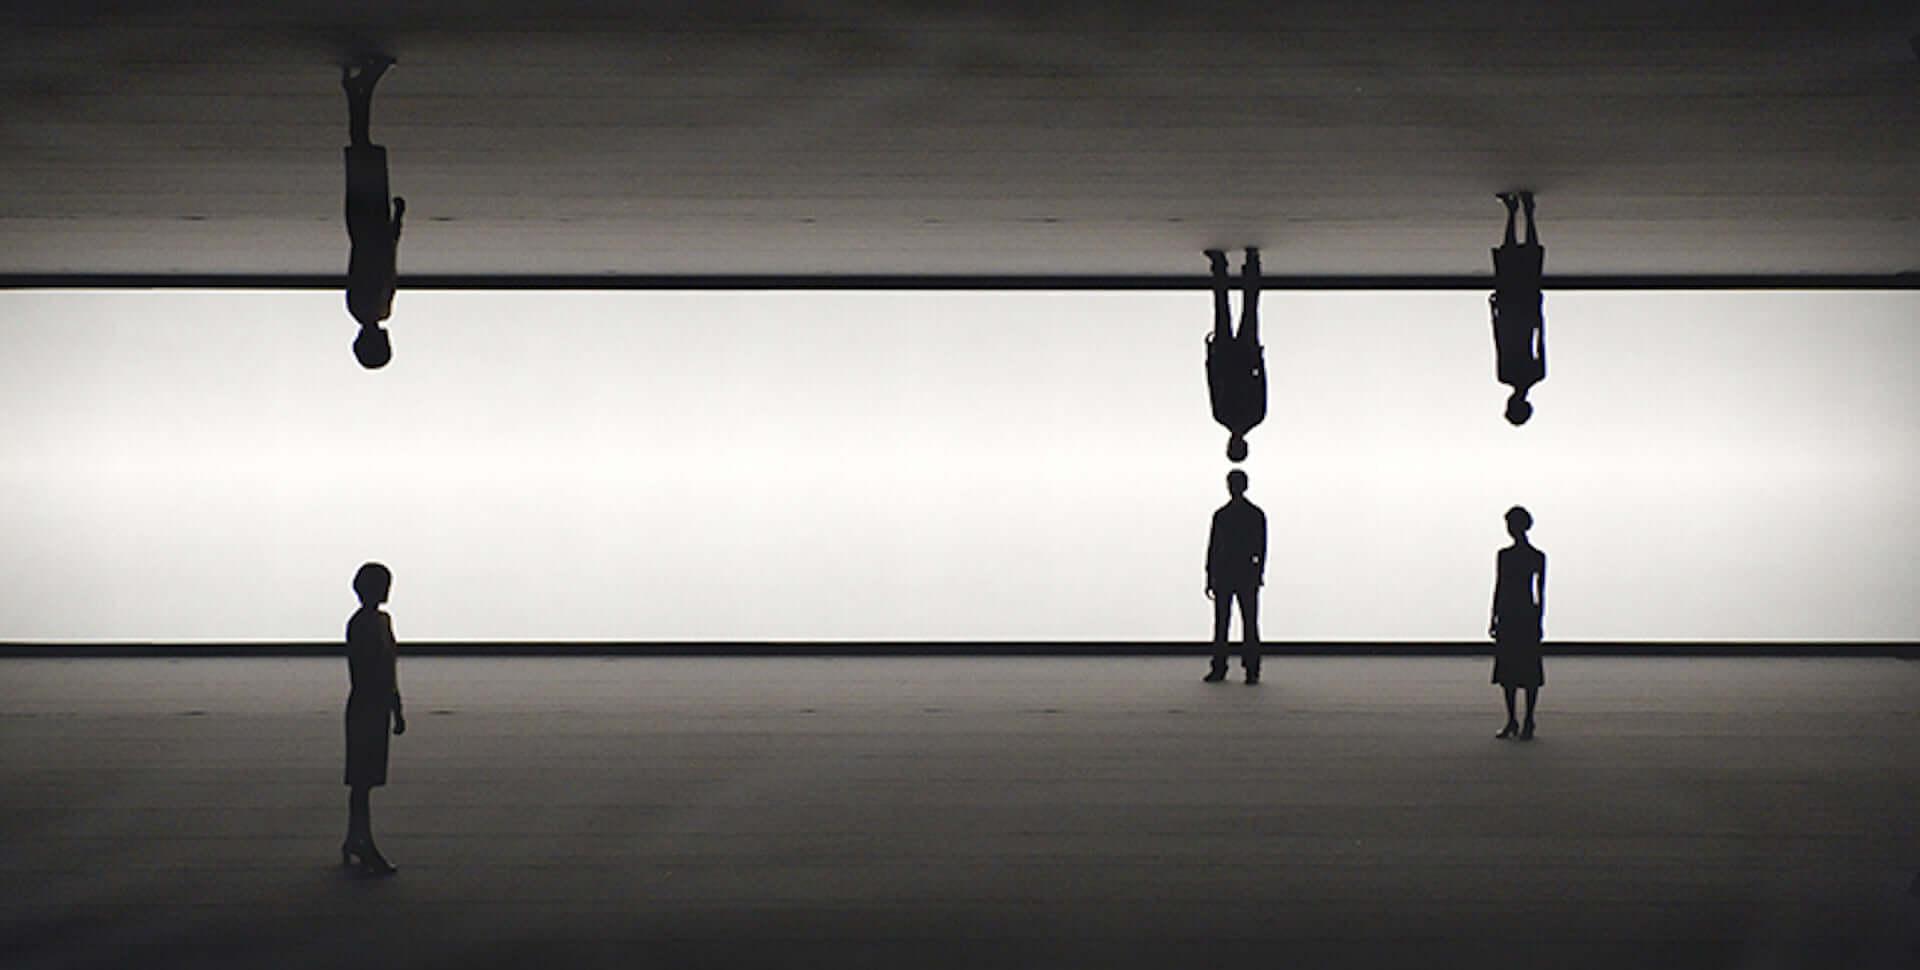 坂本龍一との共演でも知られるダムタイプのメンバー・高谷史郎の初ドキュメンタリー映画『DUMB TYPE 高谷史郎ー自然とテクノロジーのはざま』の劇場公開が決定 film200217_shirotakatani_2-1920x970